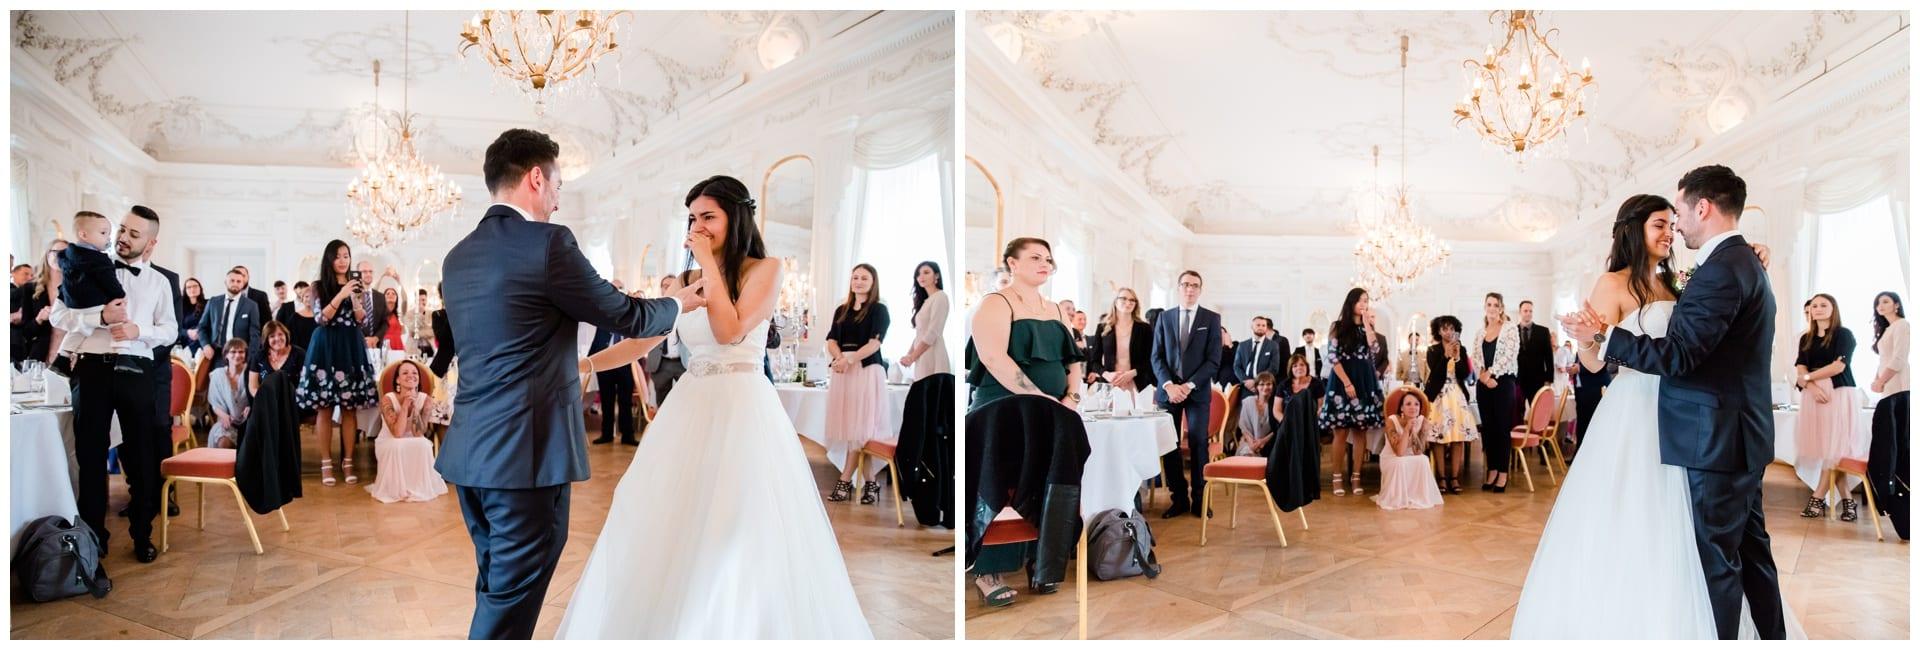 Anya und Adrian @mama wedding 21